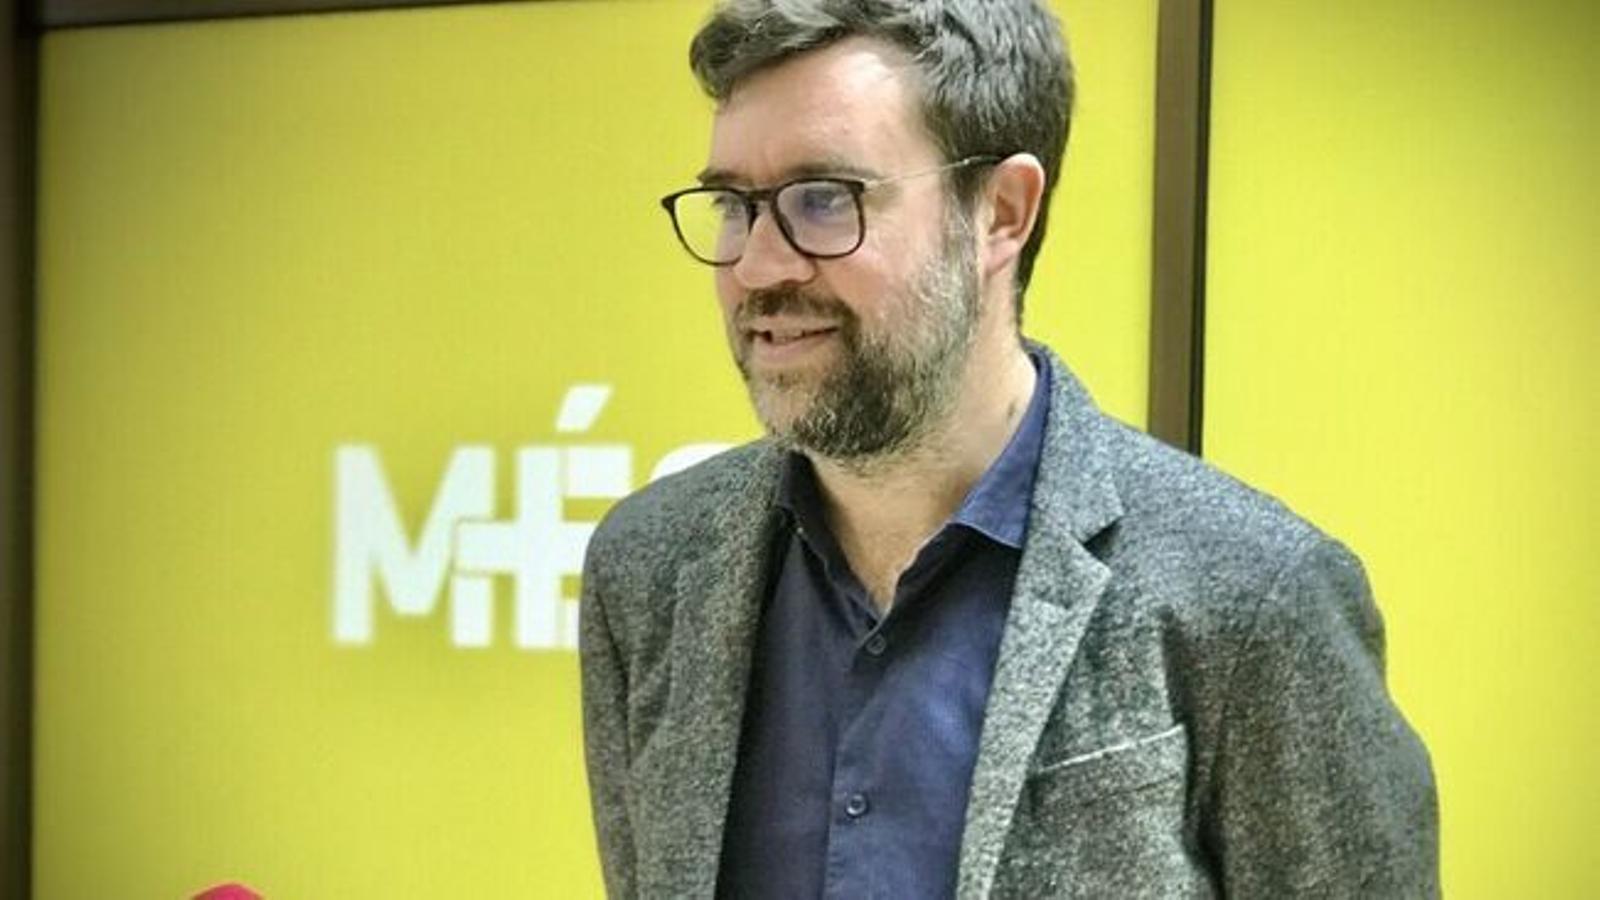 El coordinador de MÉS, Antoni Noguera. / MÉS